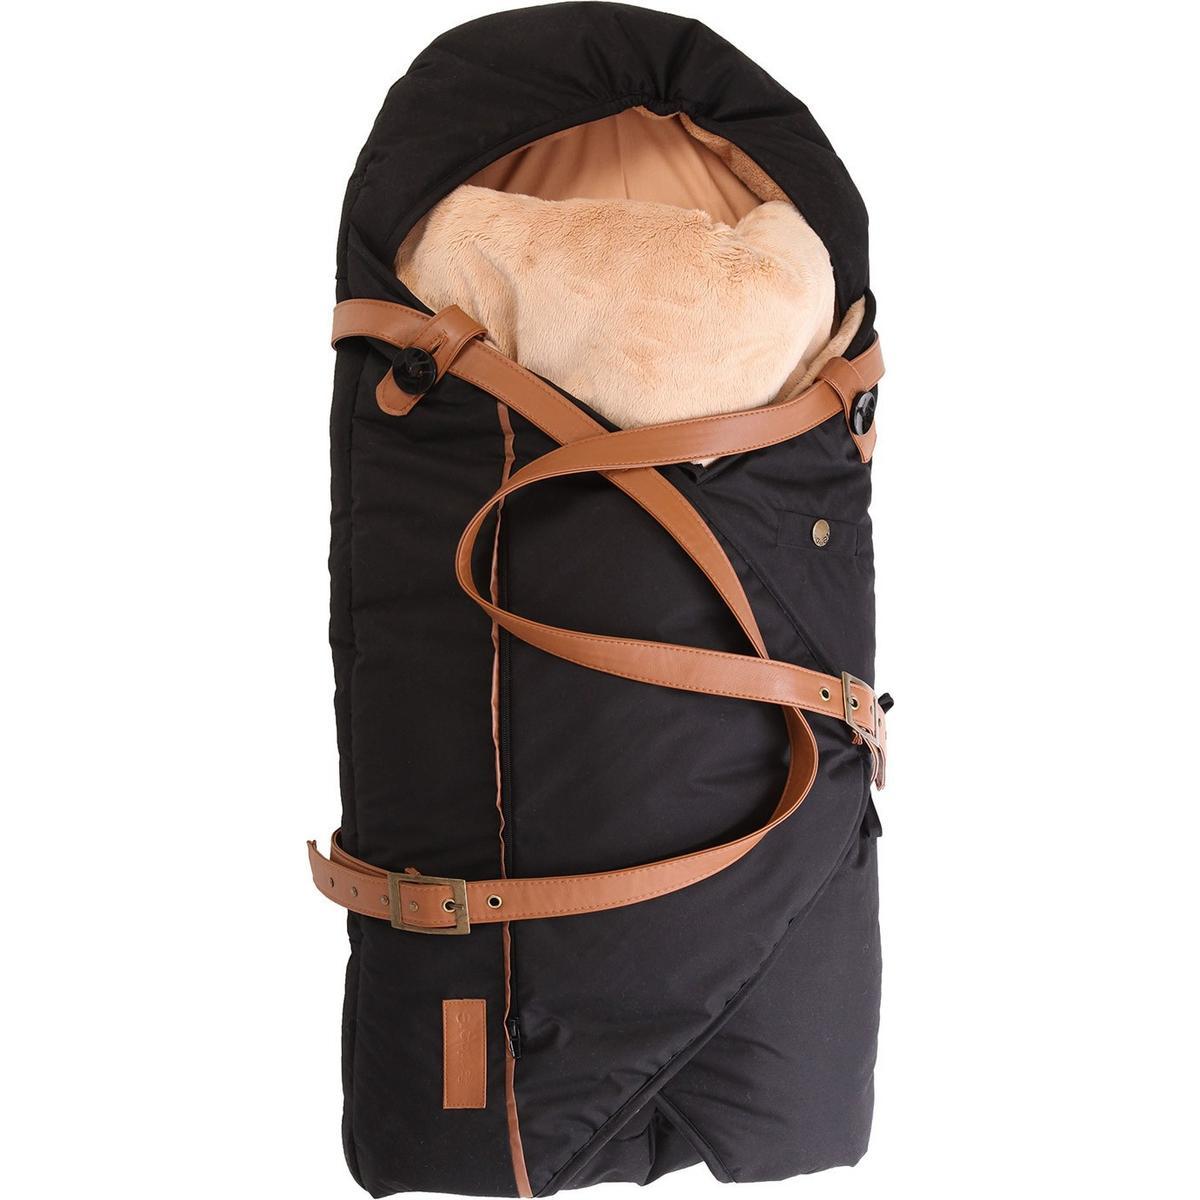 Velsete Sleepbag Sovepose - Sammenlign priser hos PriceRunner ZY-32